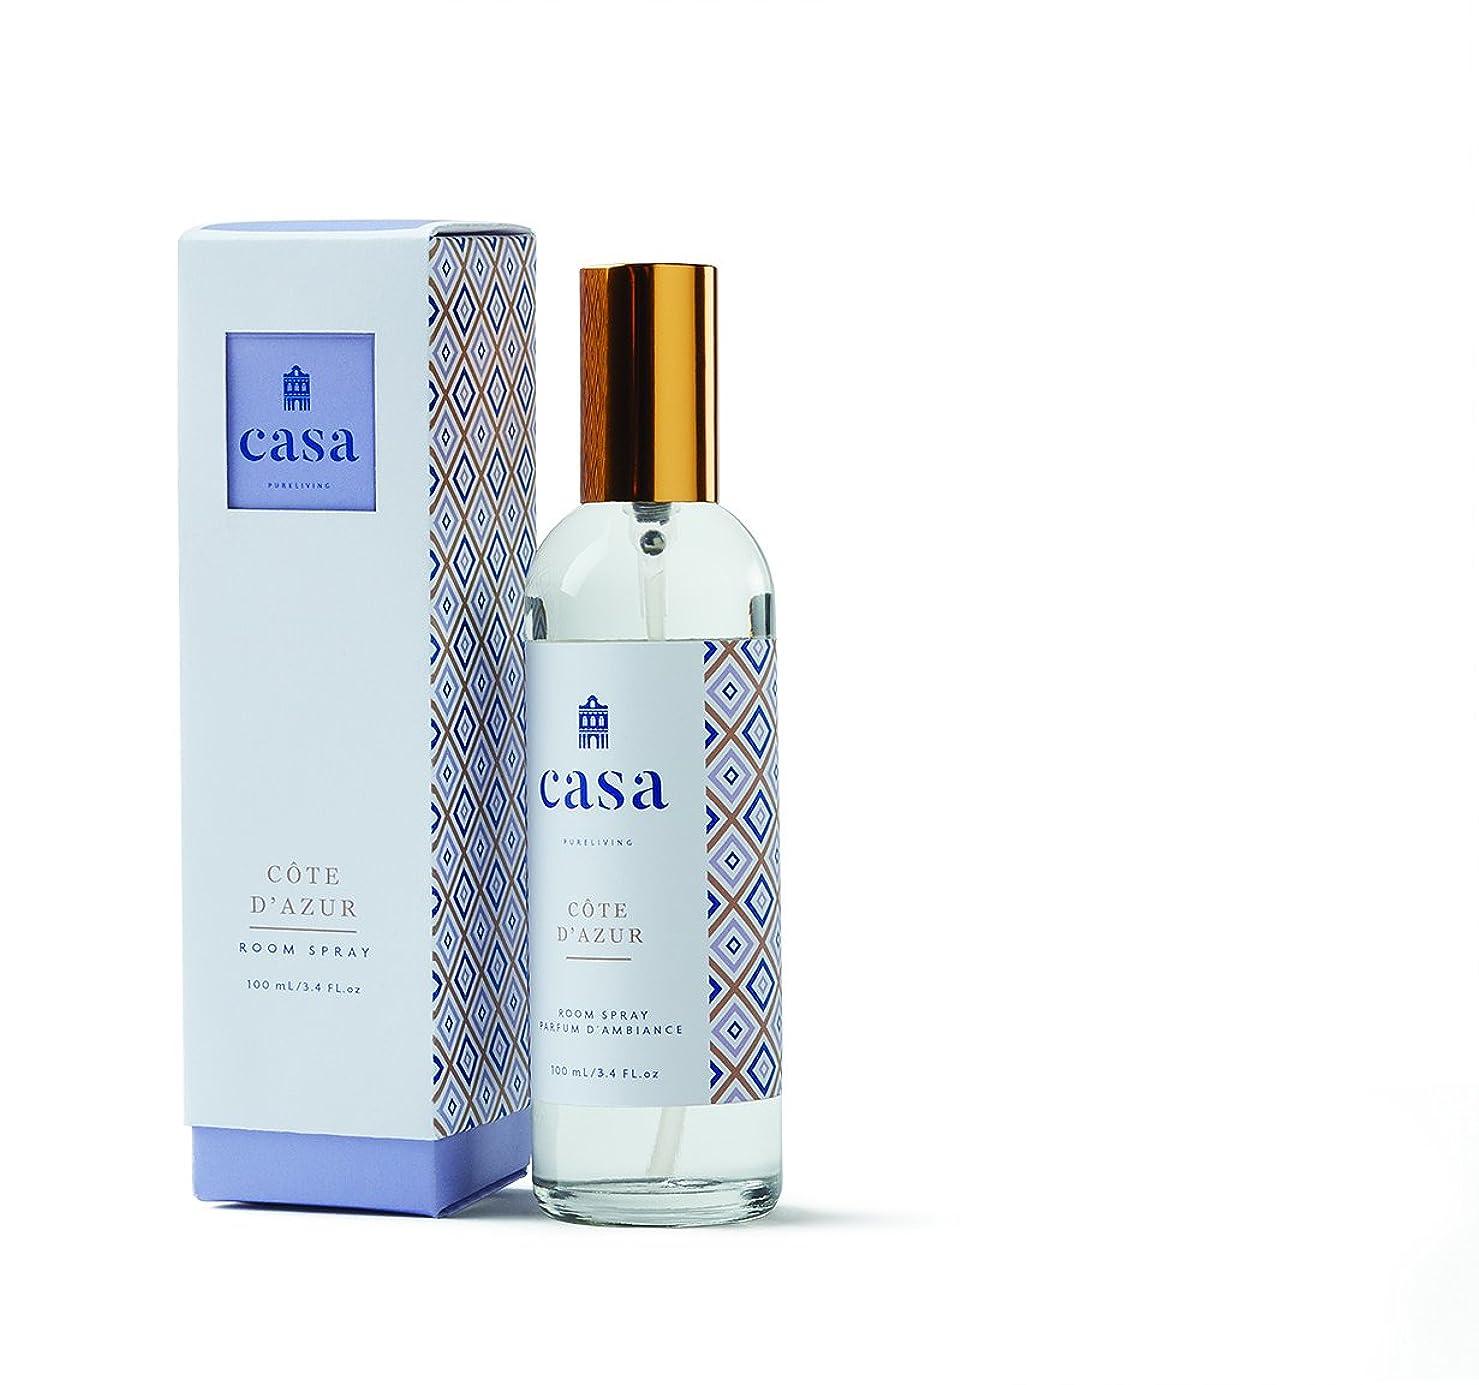 プレミア包括的出費CASA カーサ ルームスプレー ブルー メディタレアン ミスト Room Spray Mediterranean Mist ピュアリビング Pureliving